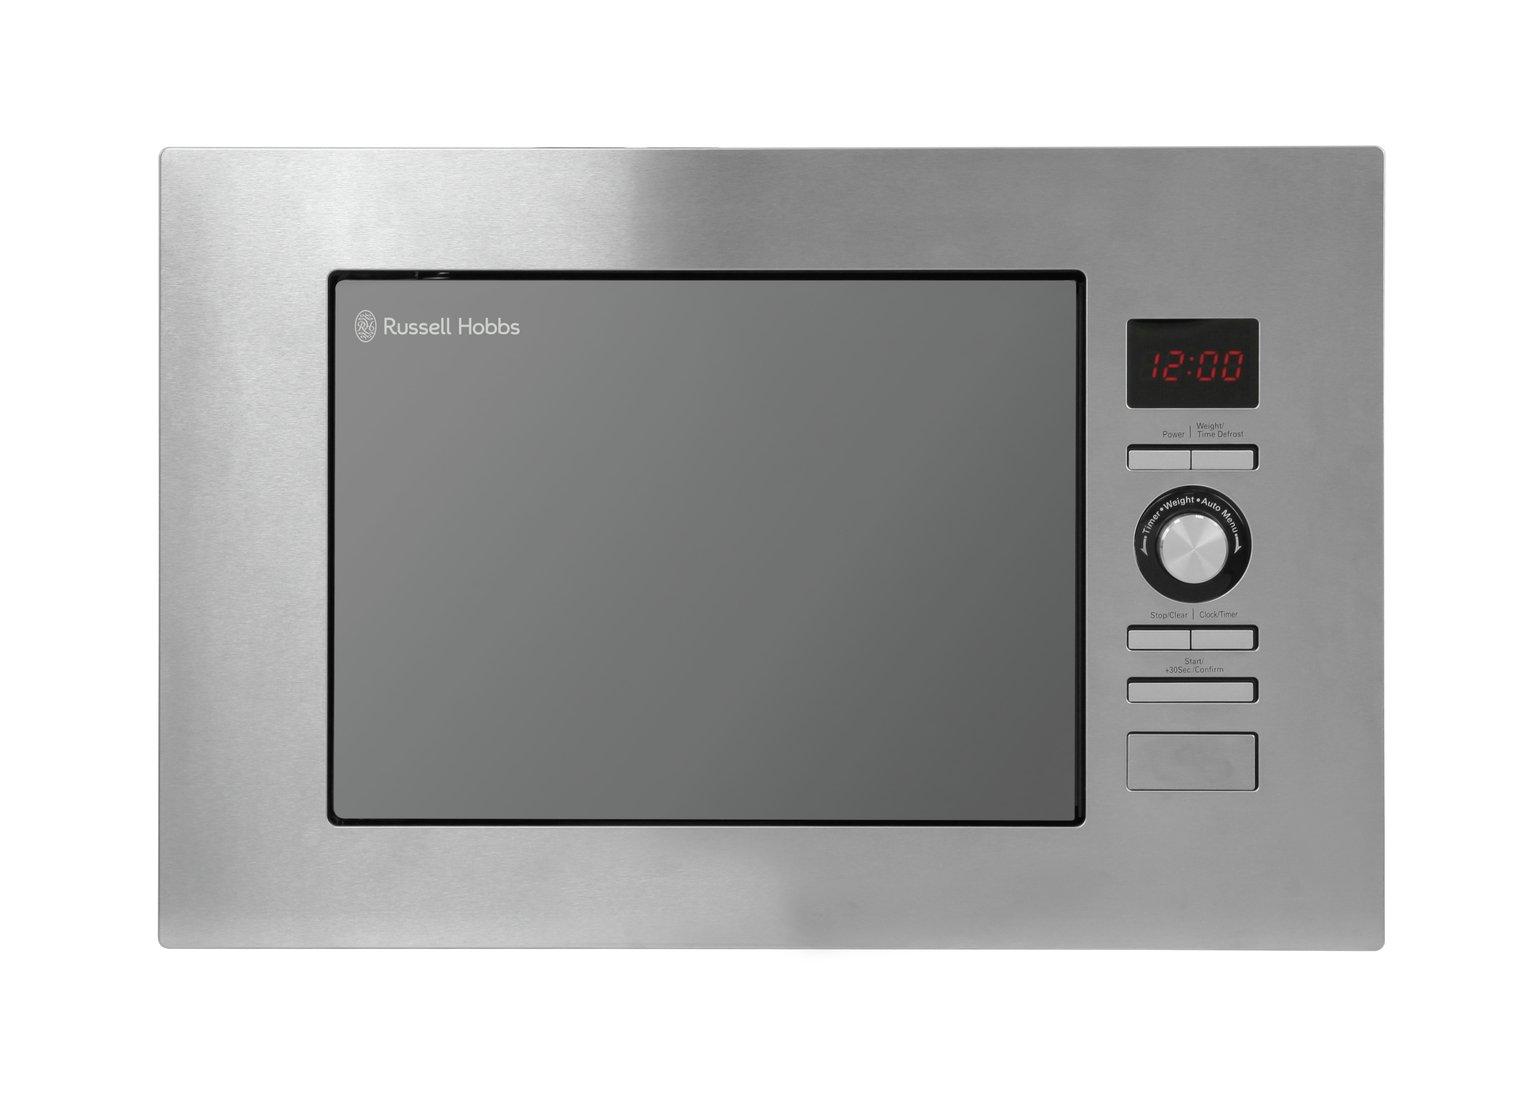 Russell Hobbs RHBM2003 800W Built In Microwave - S/Steel